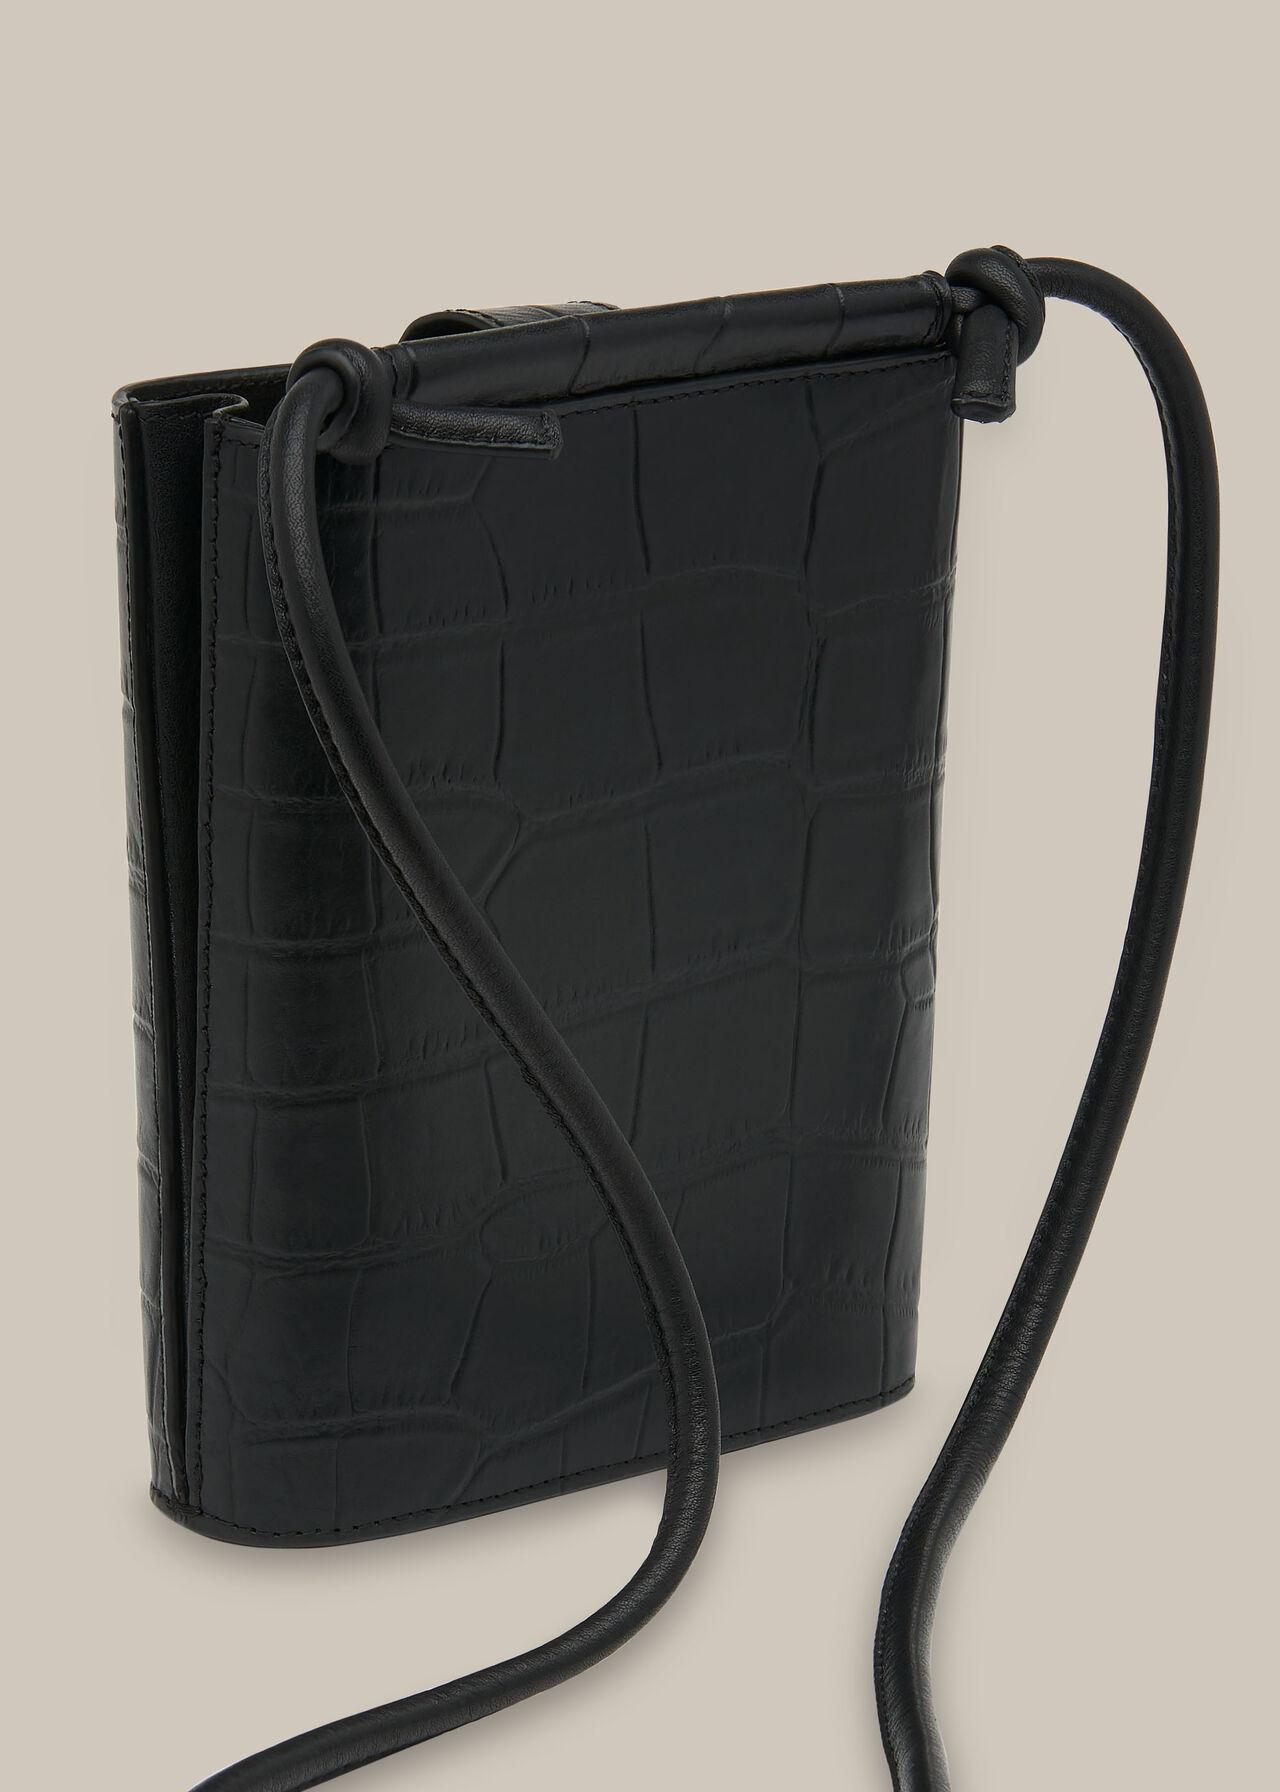 Alton Croc Pouch Bag